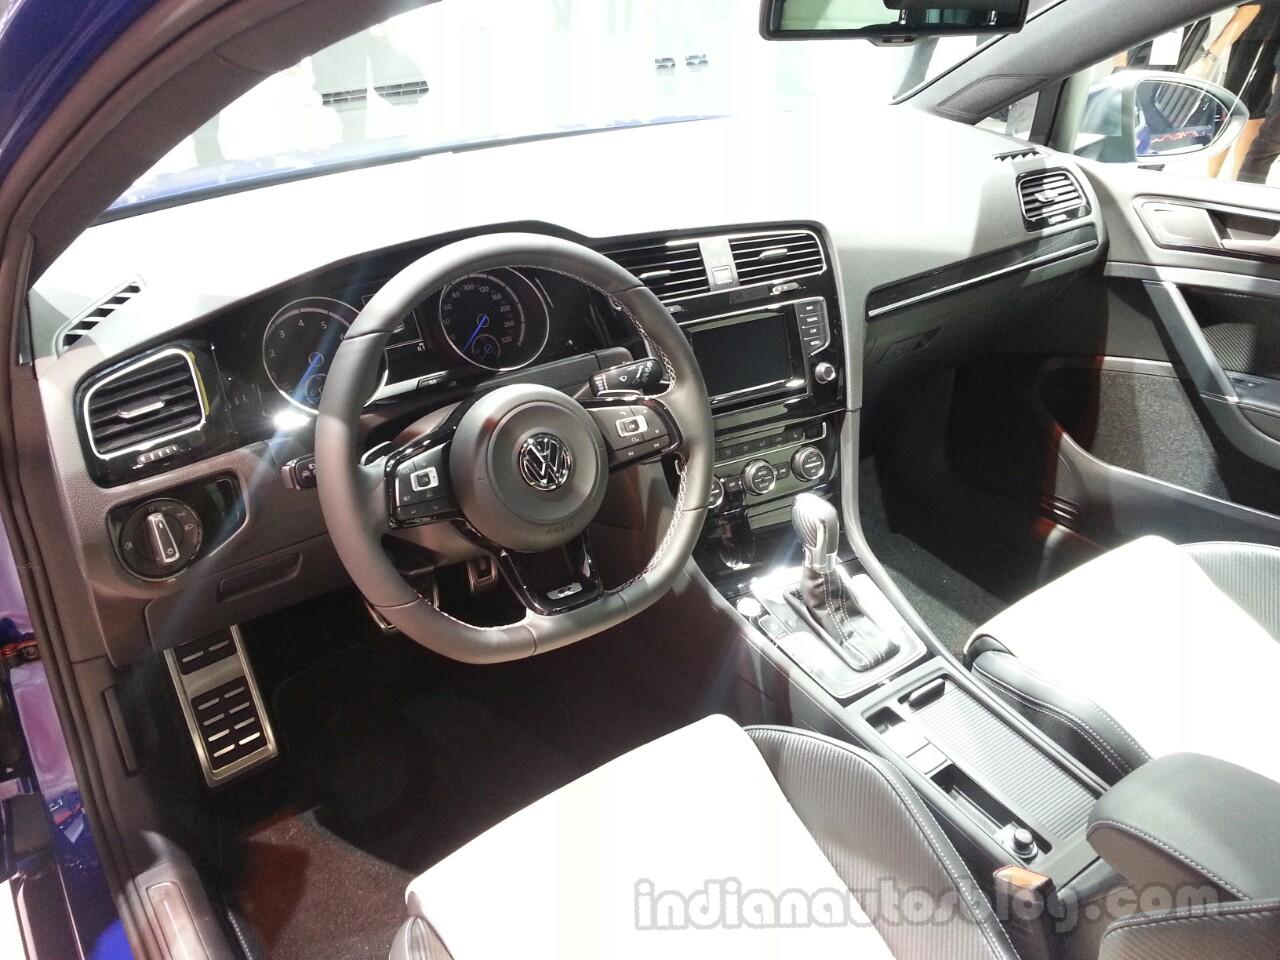 2014 VW Golf R Dashboard